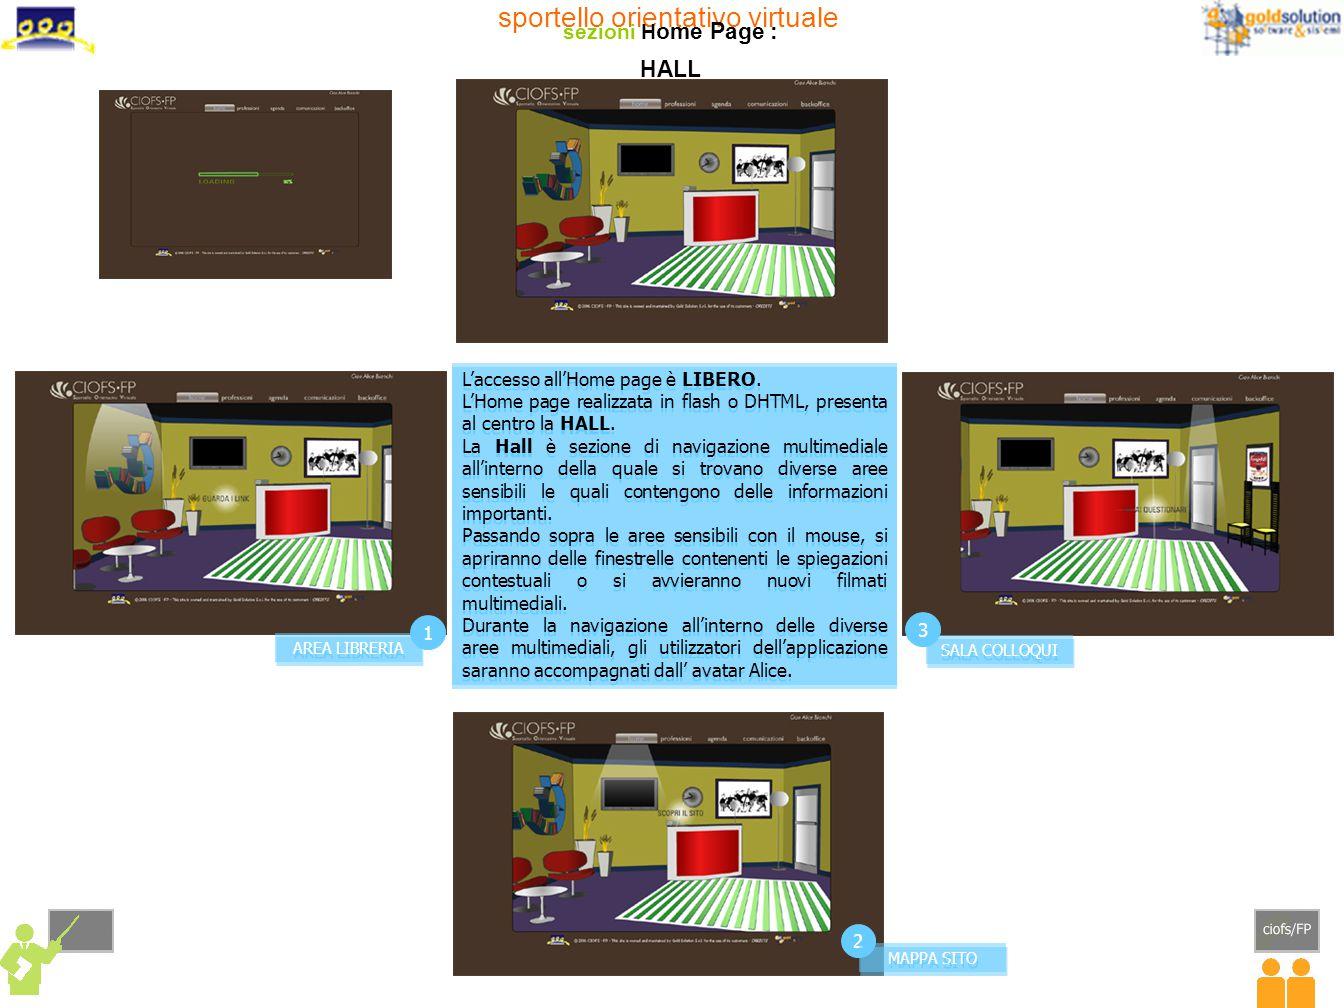 sportello orientativo virtuale sezioni: Agenda Docente 1 1 2 3 4